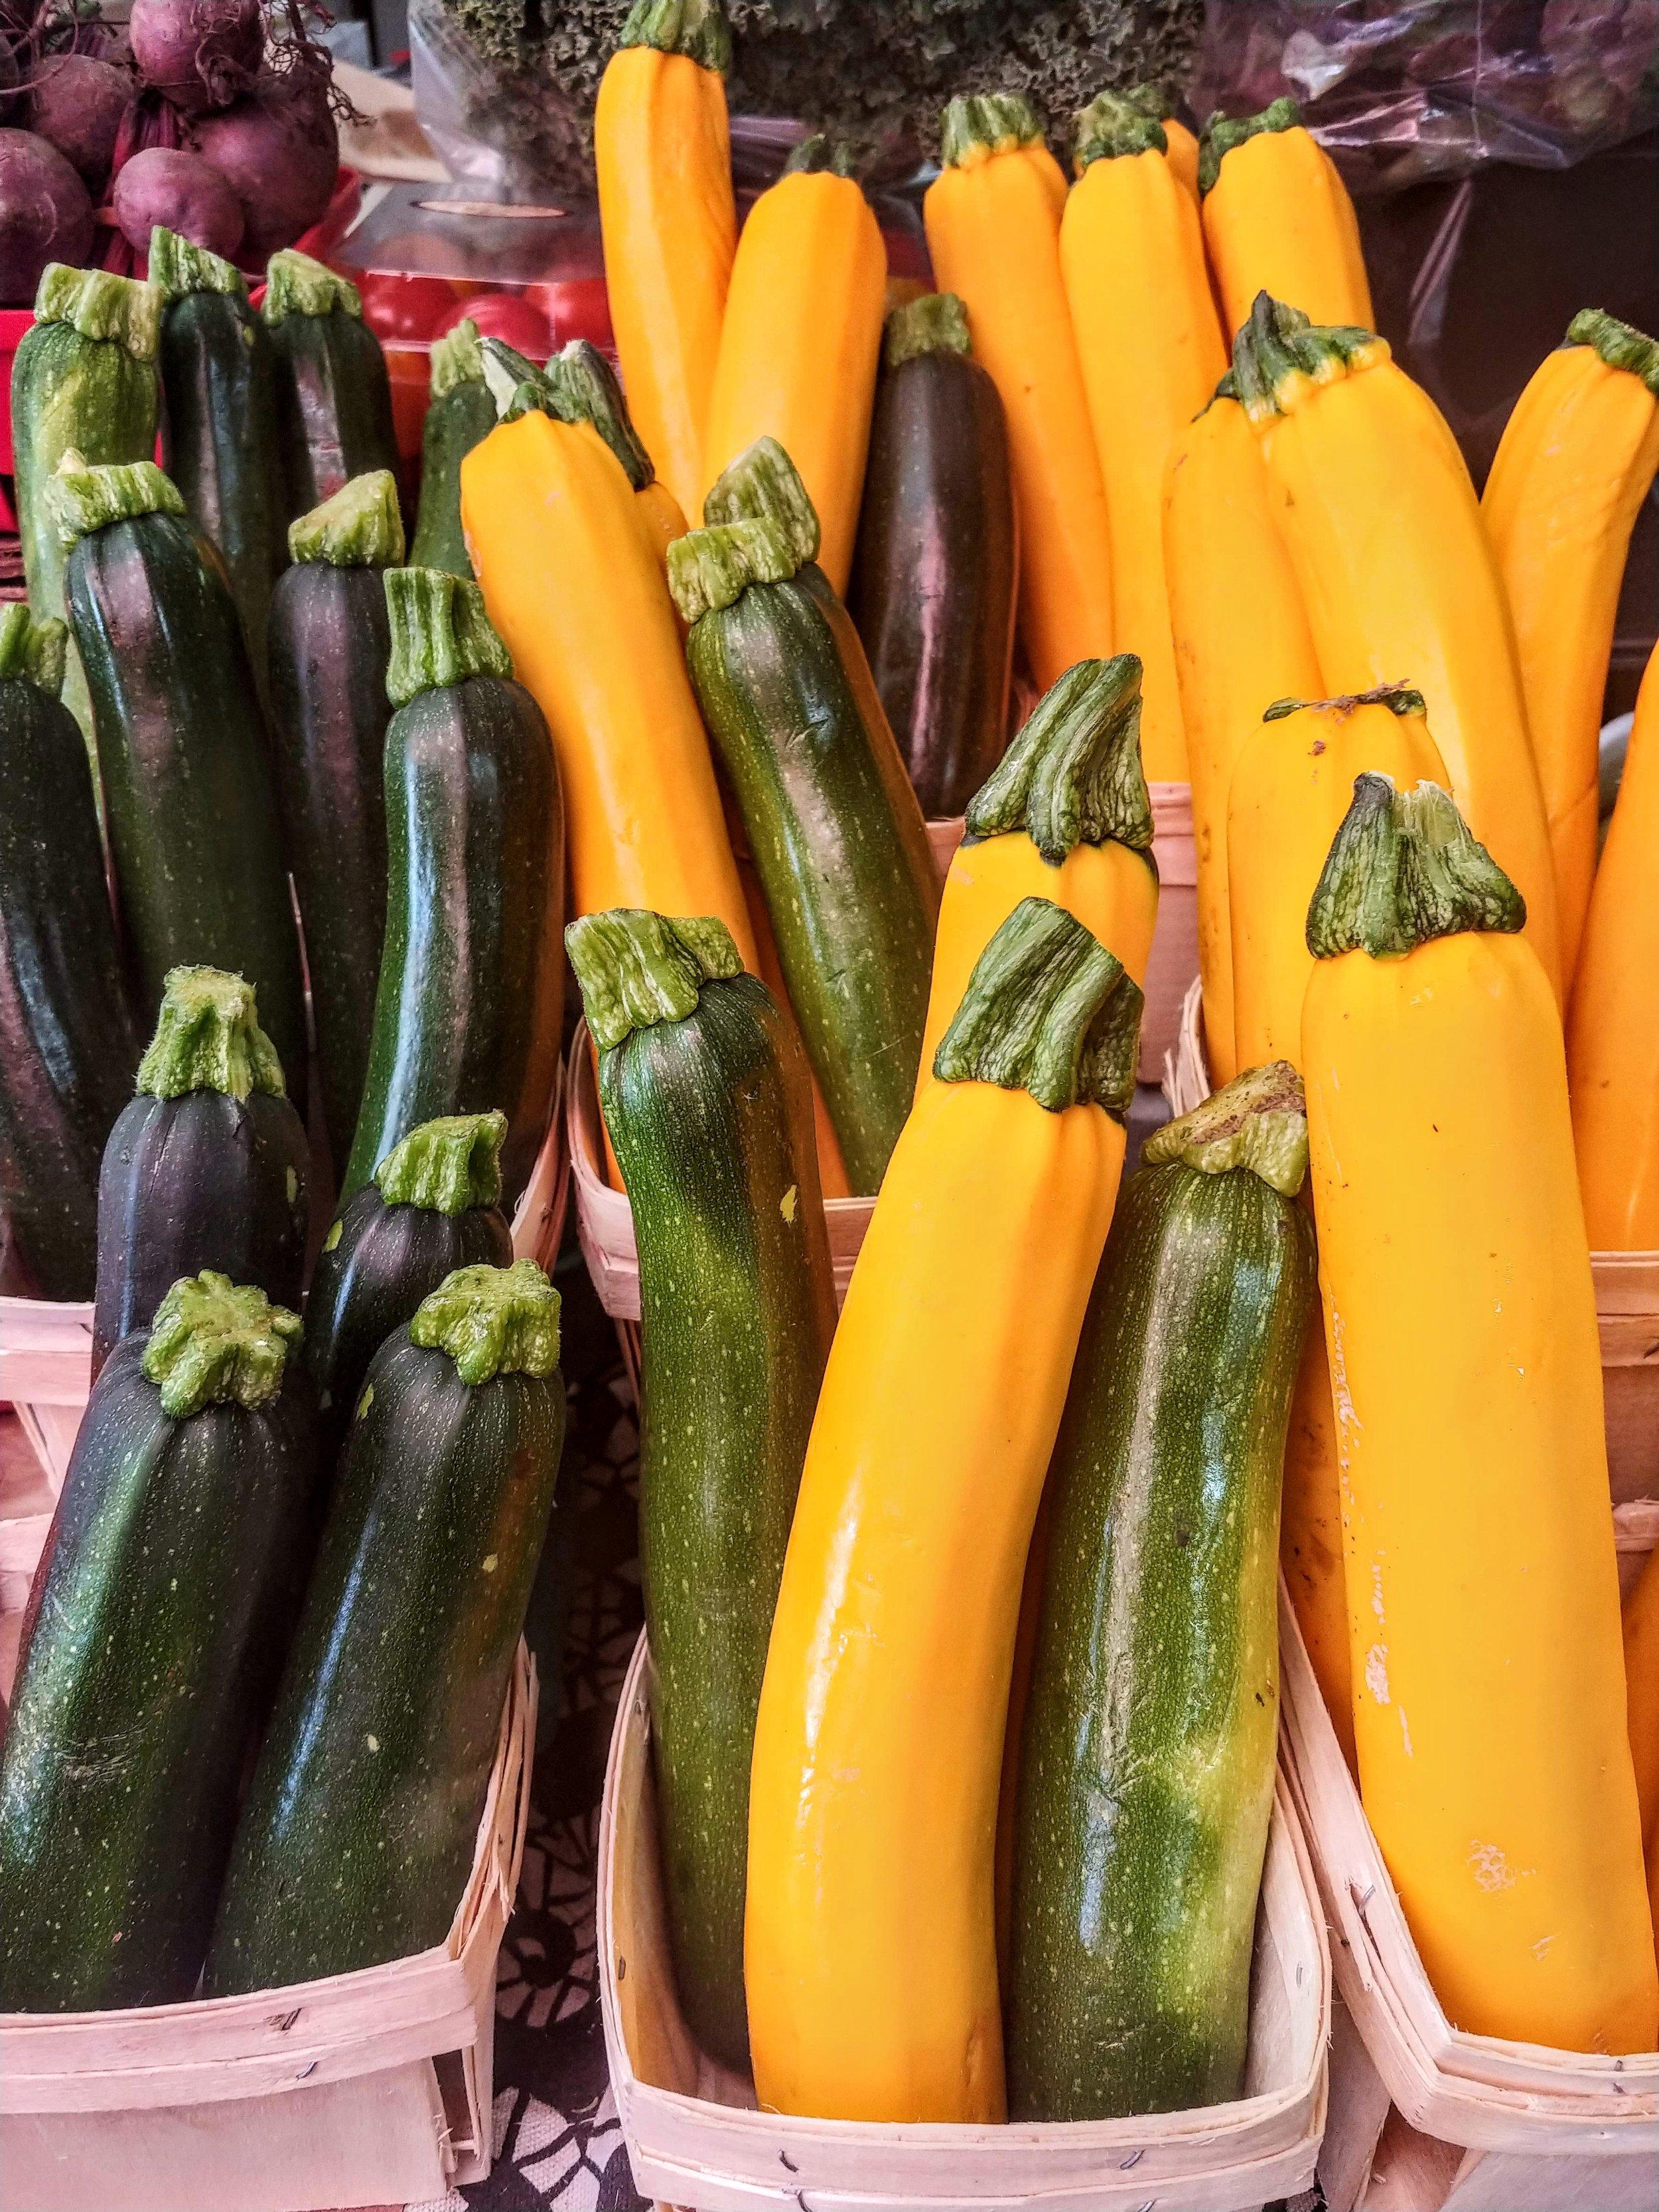 Zucchini & Summer Squashes